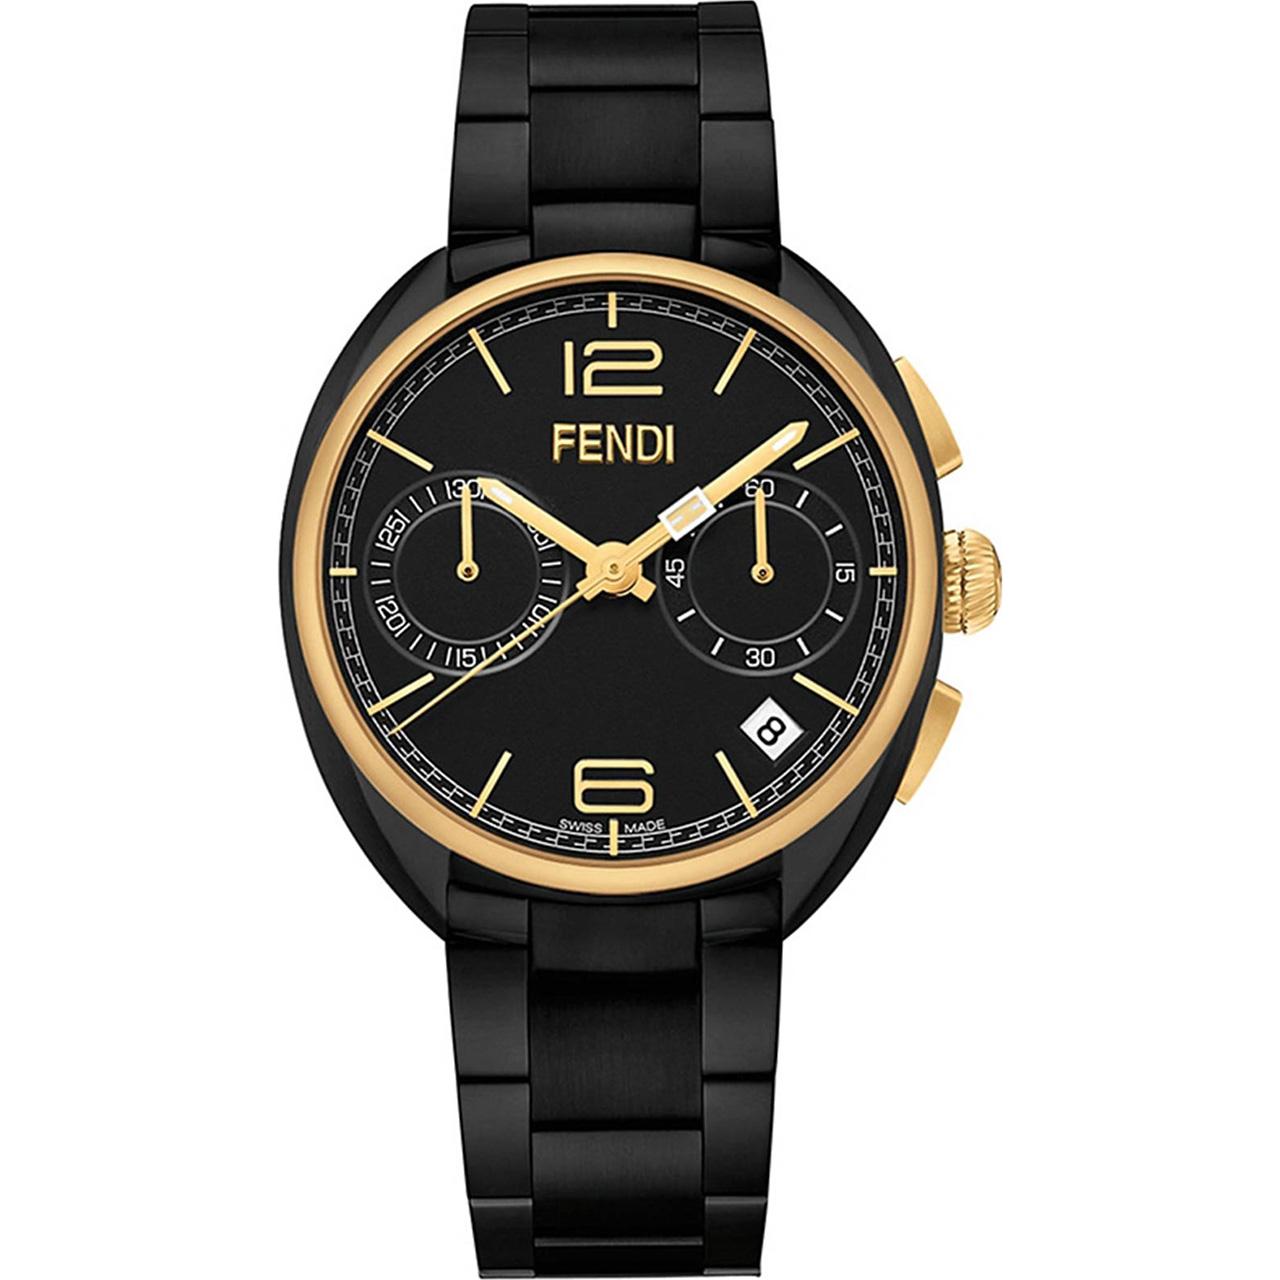 ساعت مچی عقربه ای مردانه فندی مدل F219111000 54